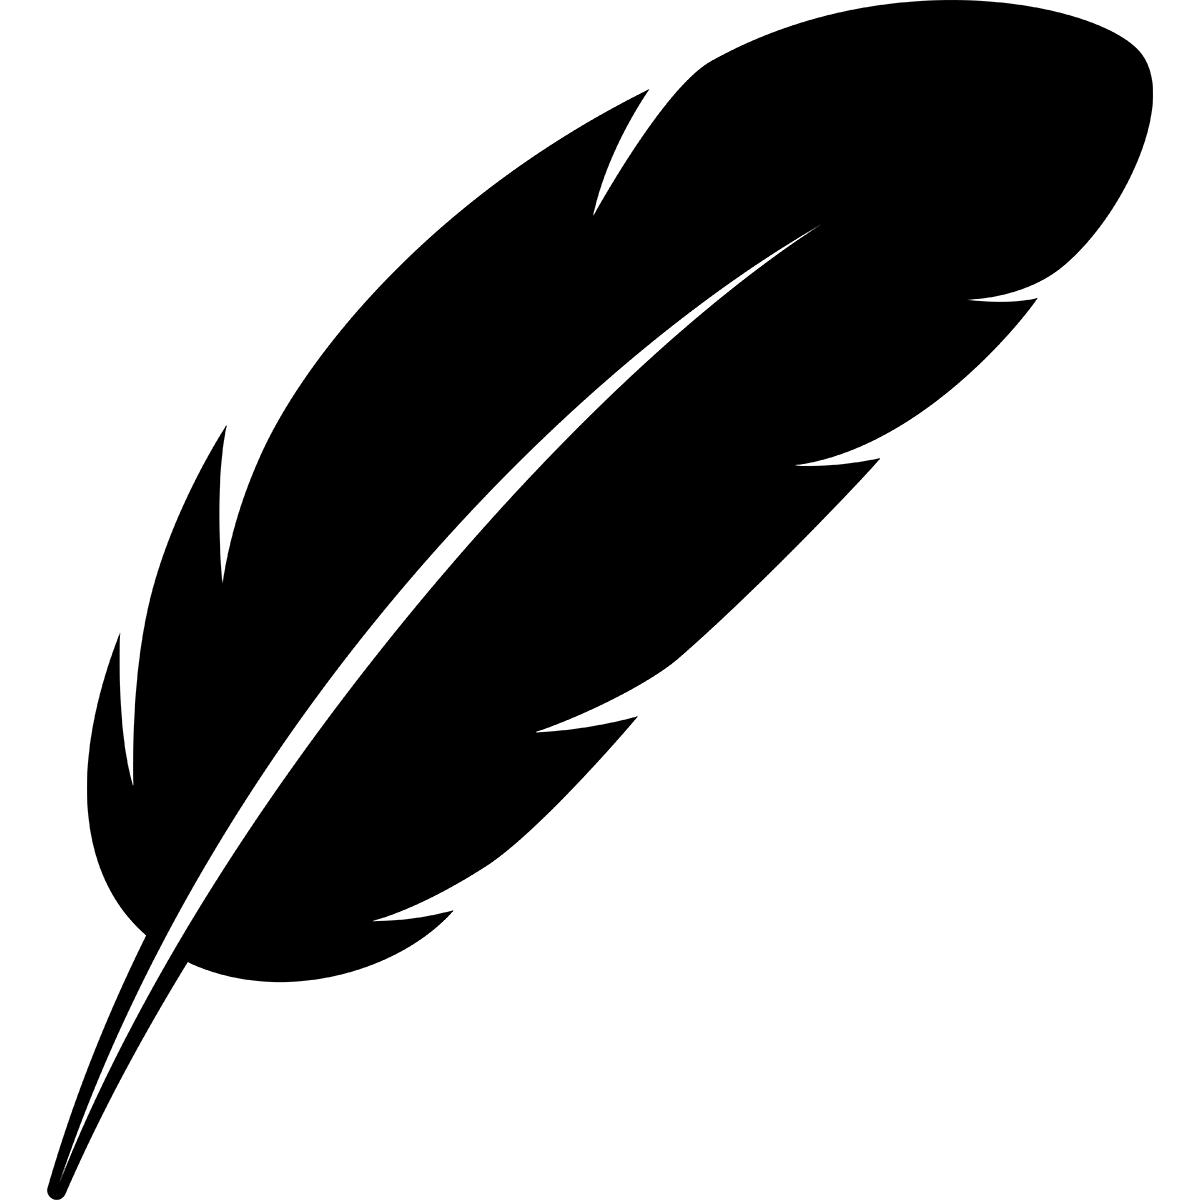 【アイコン】羽のシルエットの無料イラスト